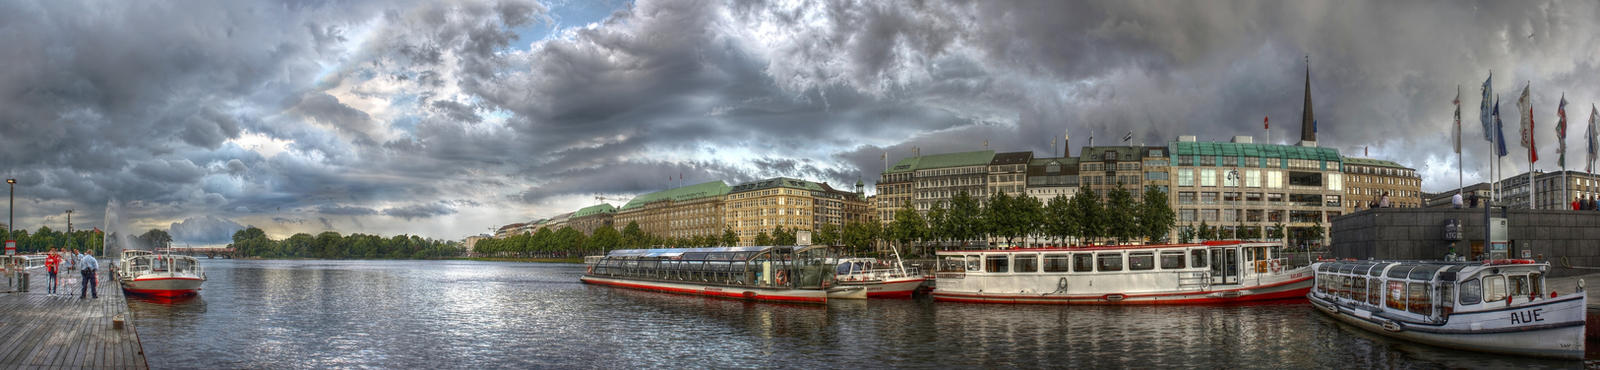 Hamburg Binnenalster Panorama by TiKy2010